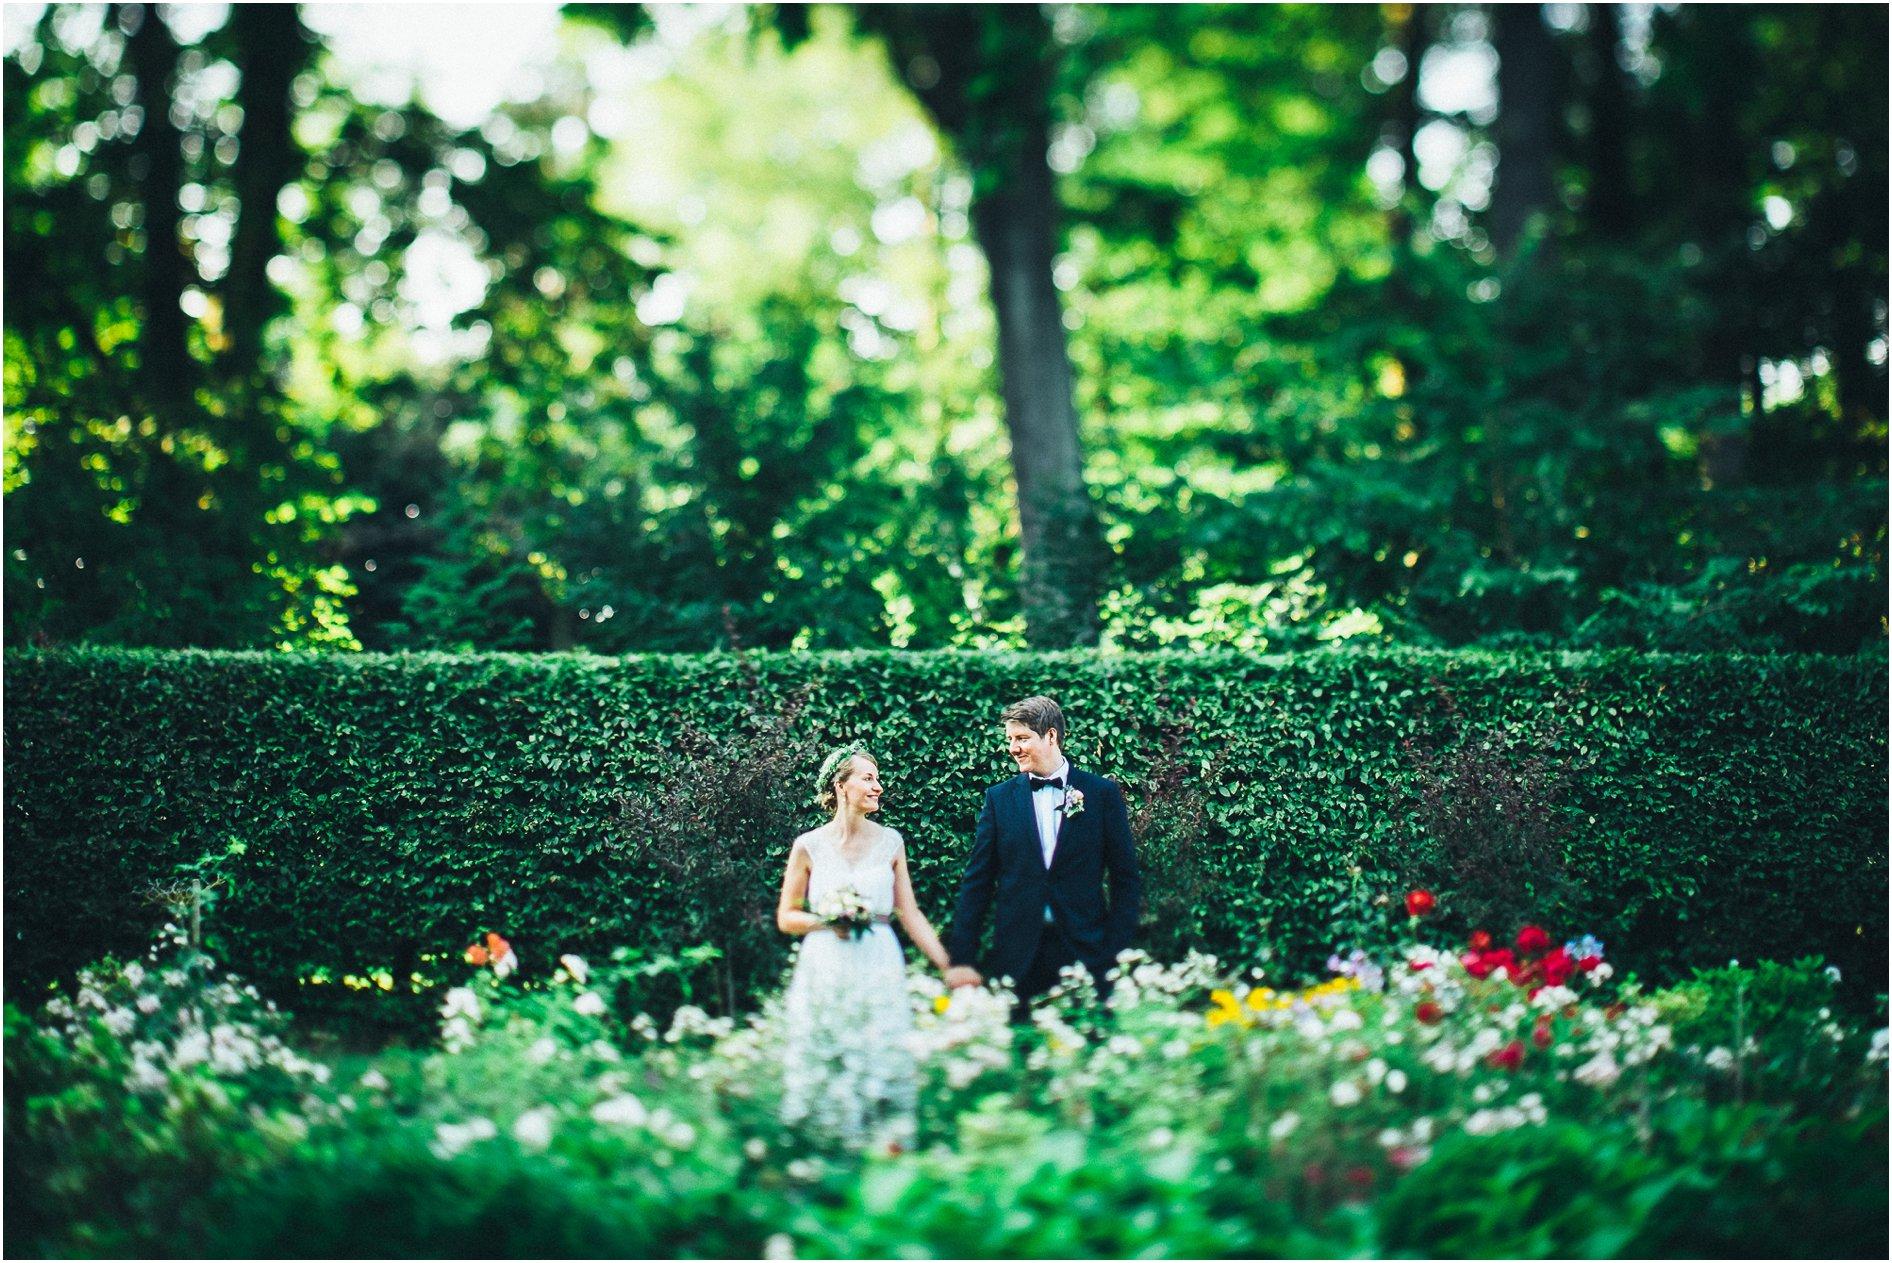 2014-10-13_0107 Jenny & Matthias - Hochzeitsfotograf auf Gut Bardenhagen